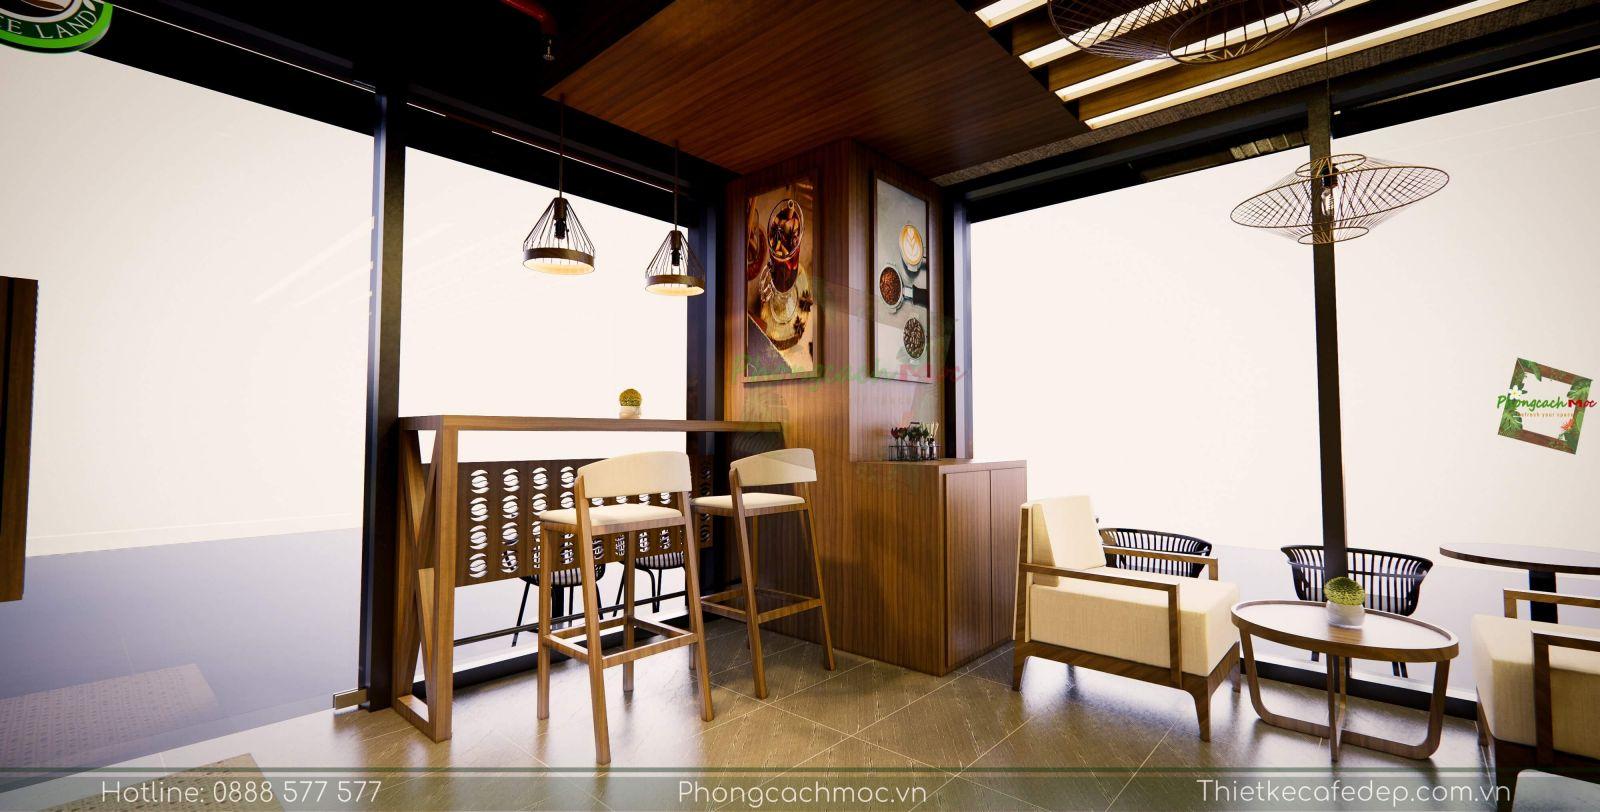 thiet-ke-quan-cafe-hien-dai-dp-coffee-tai-thu-duc-8